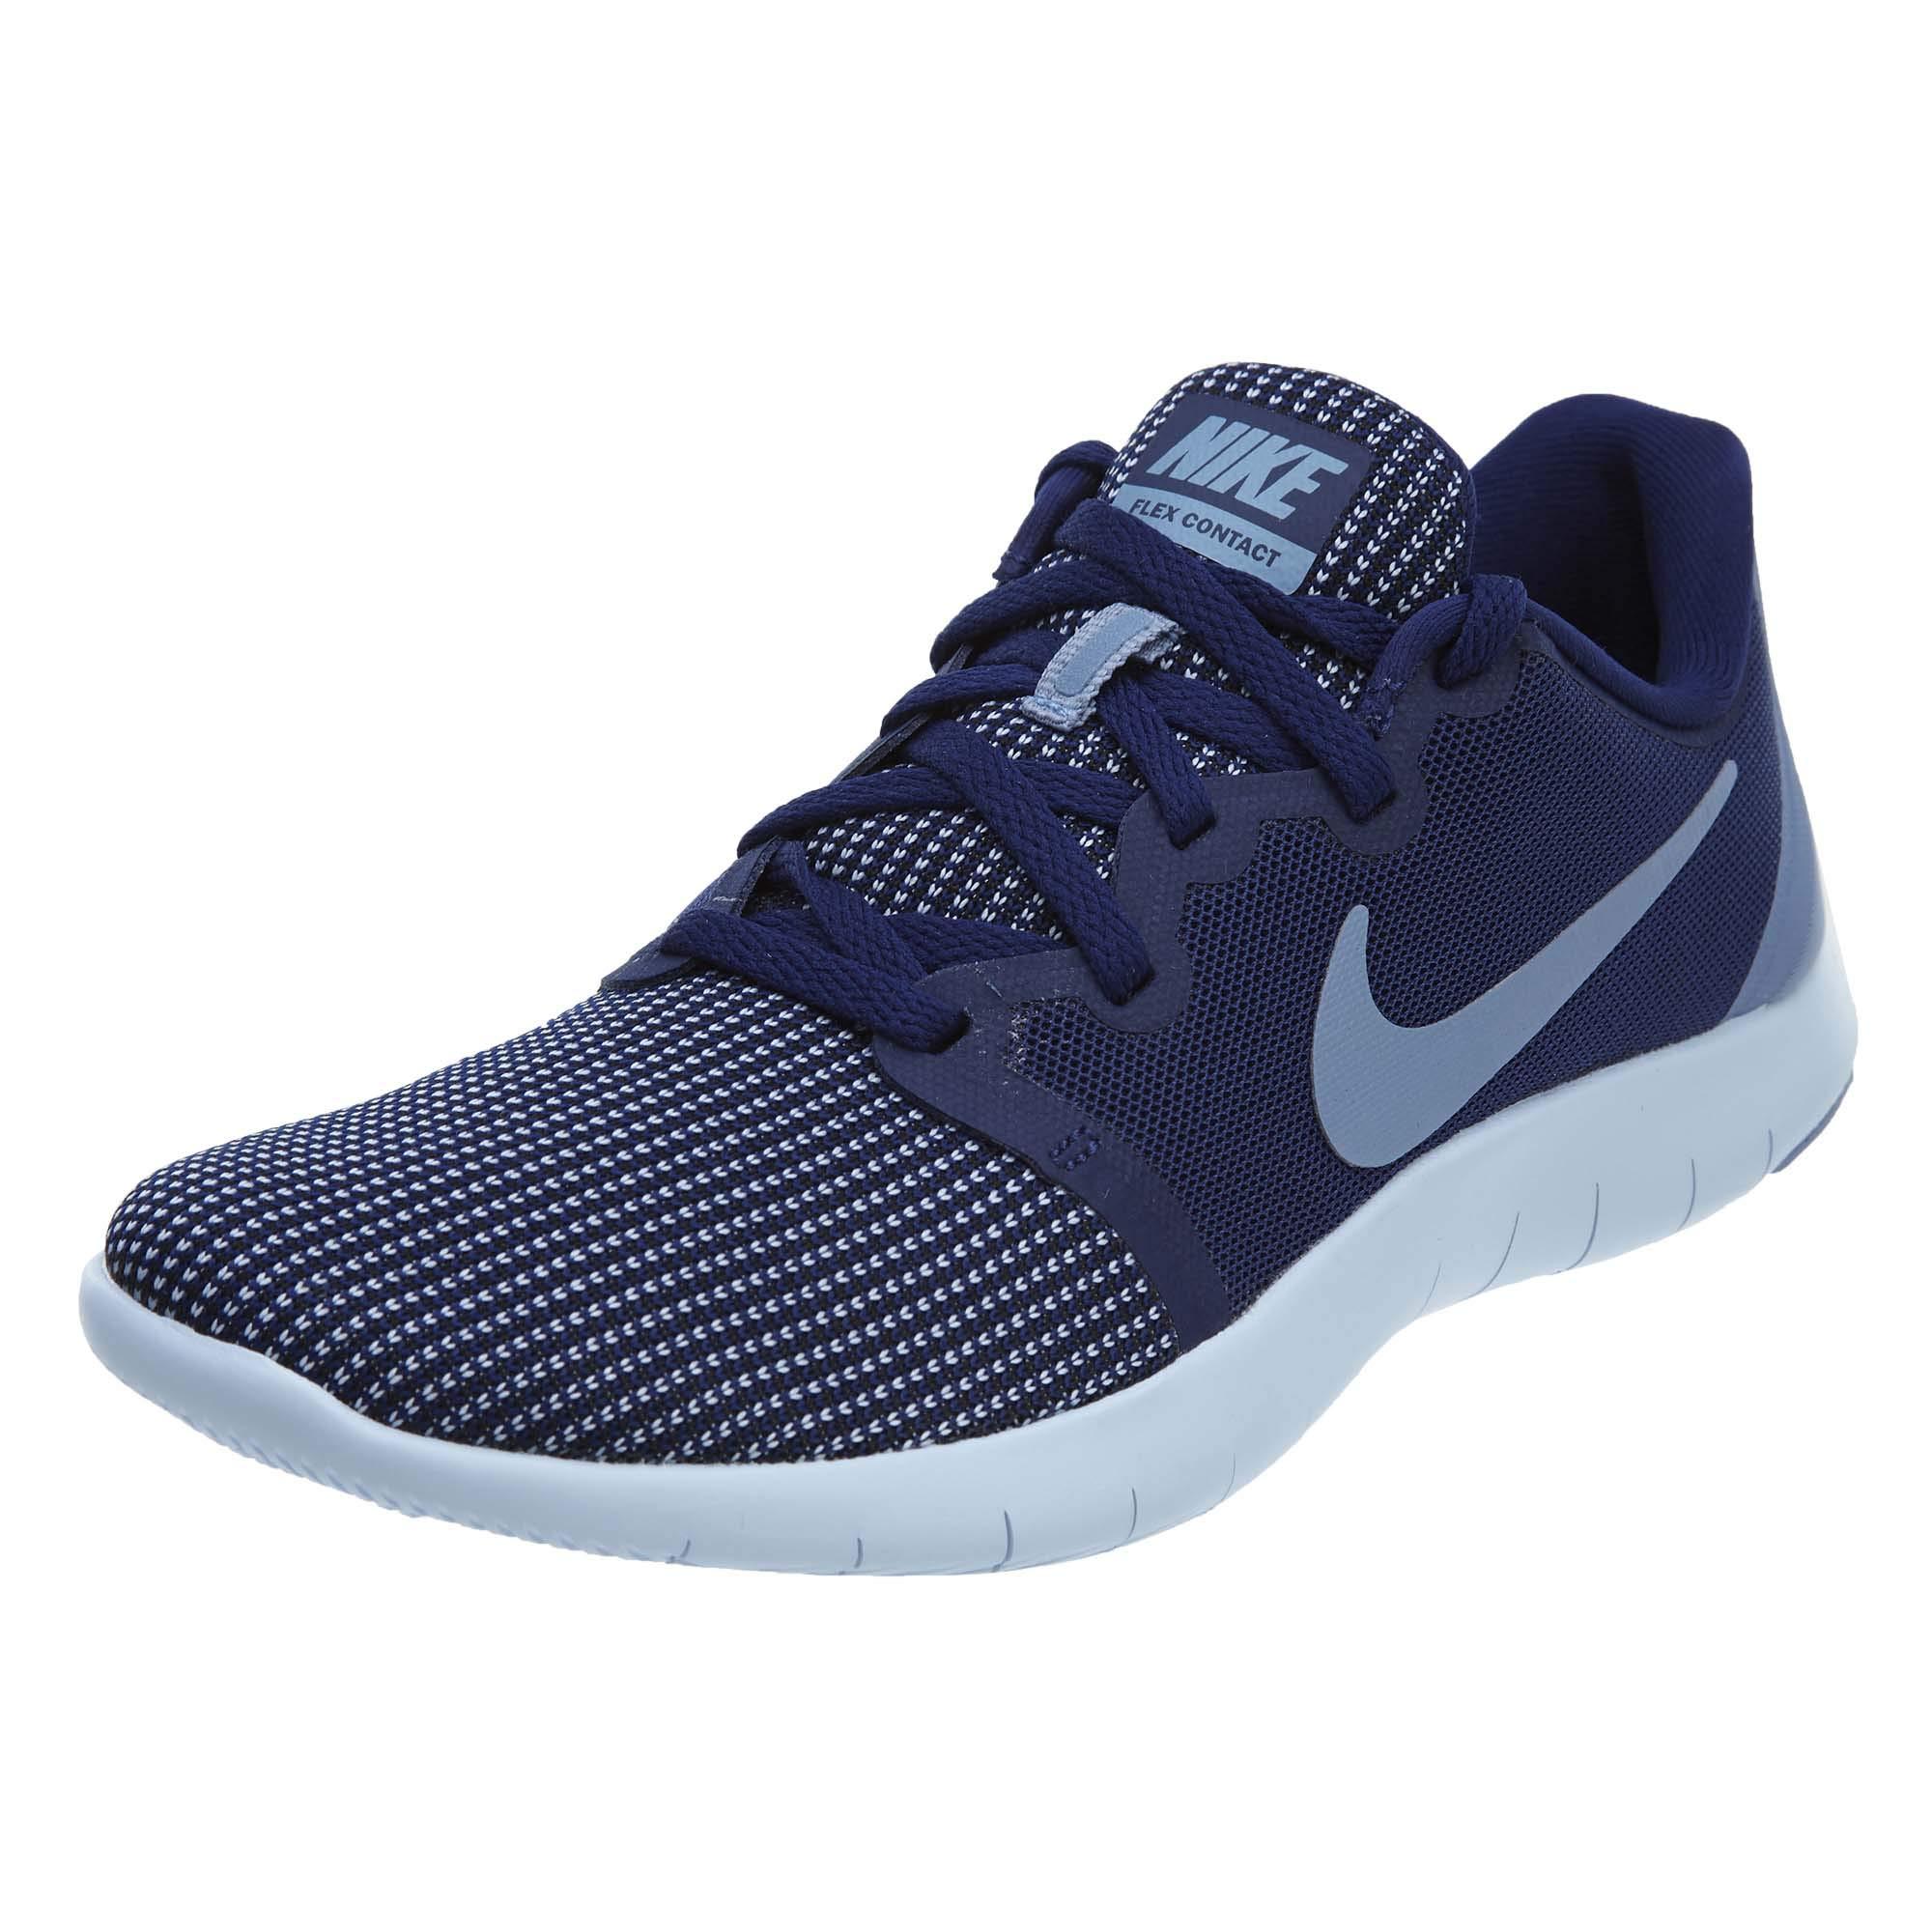 Nike Women's WMNS Flex Contact 2 Blue